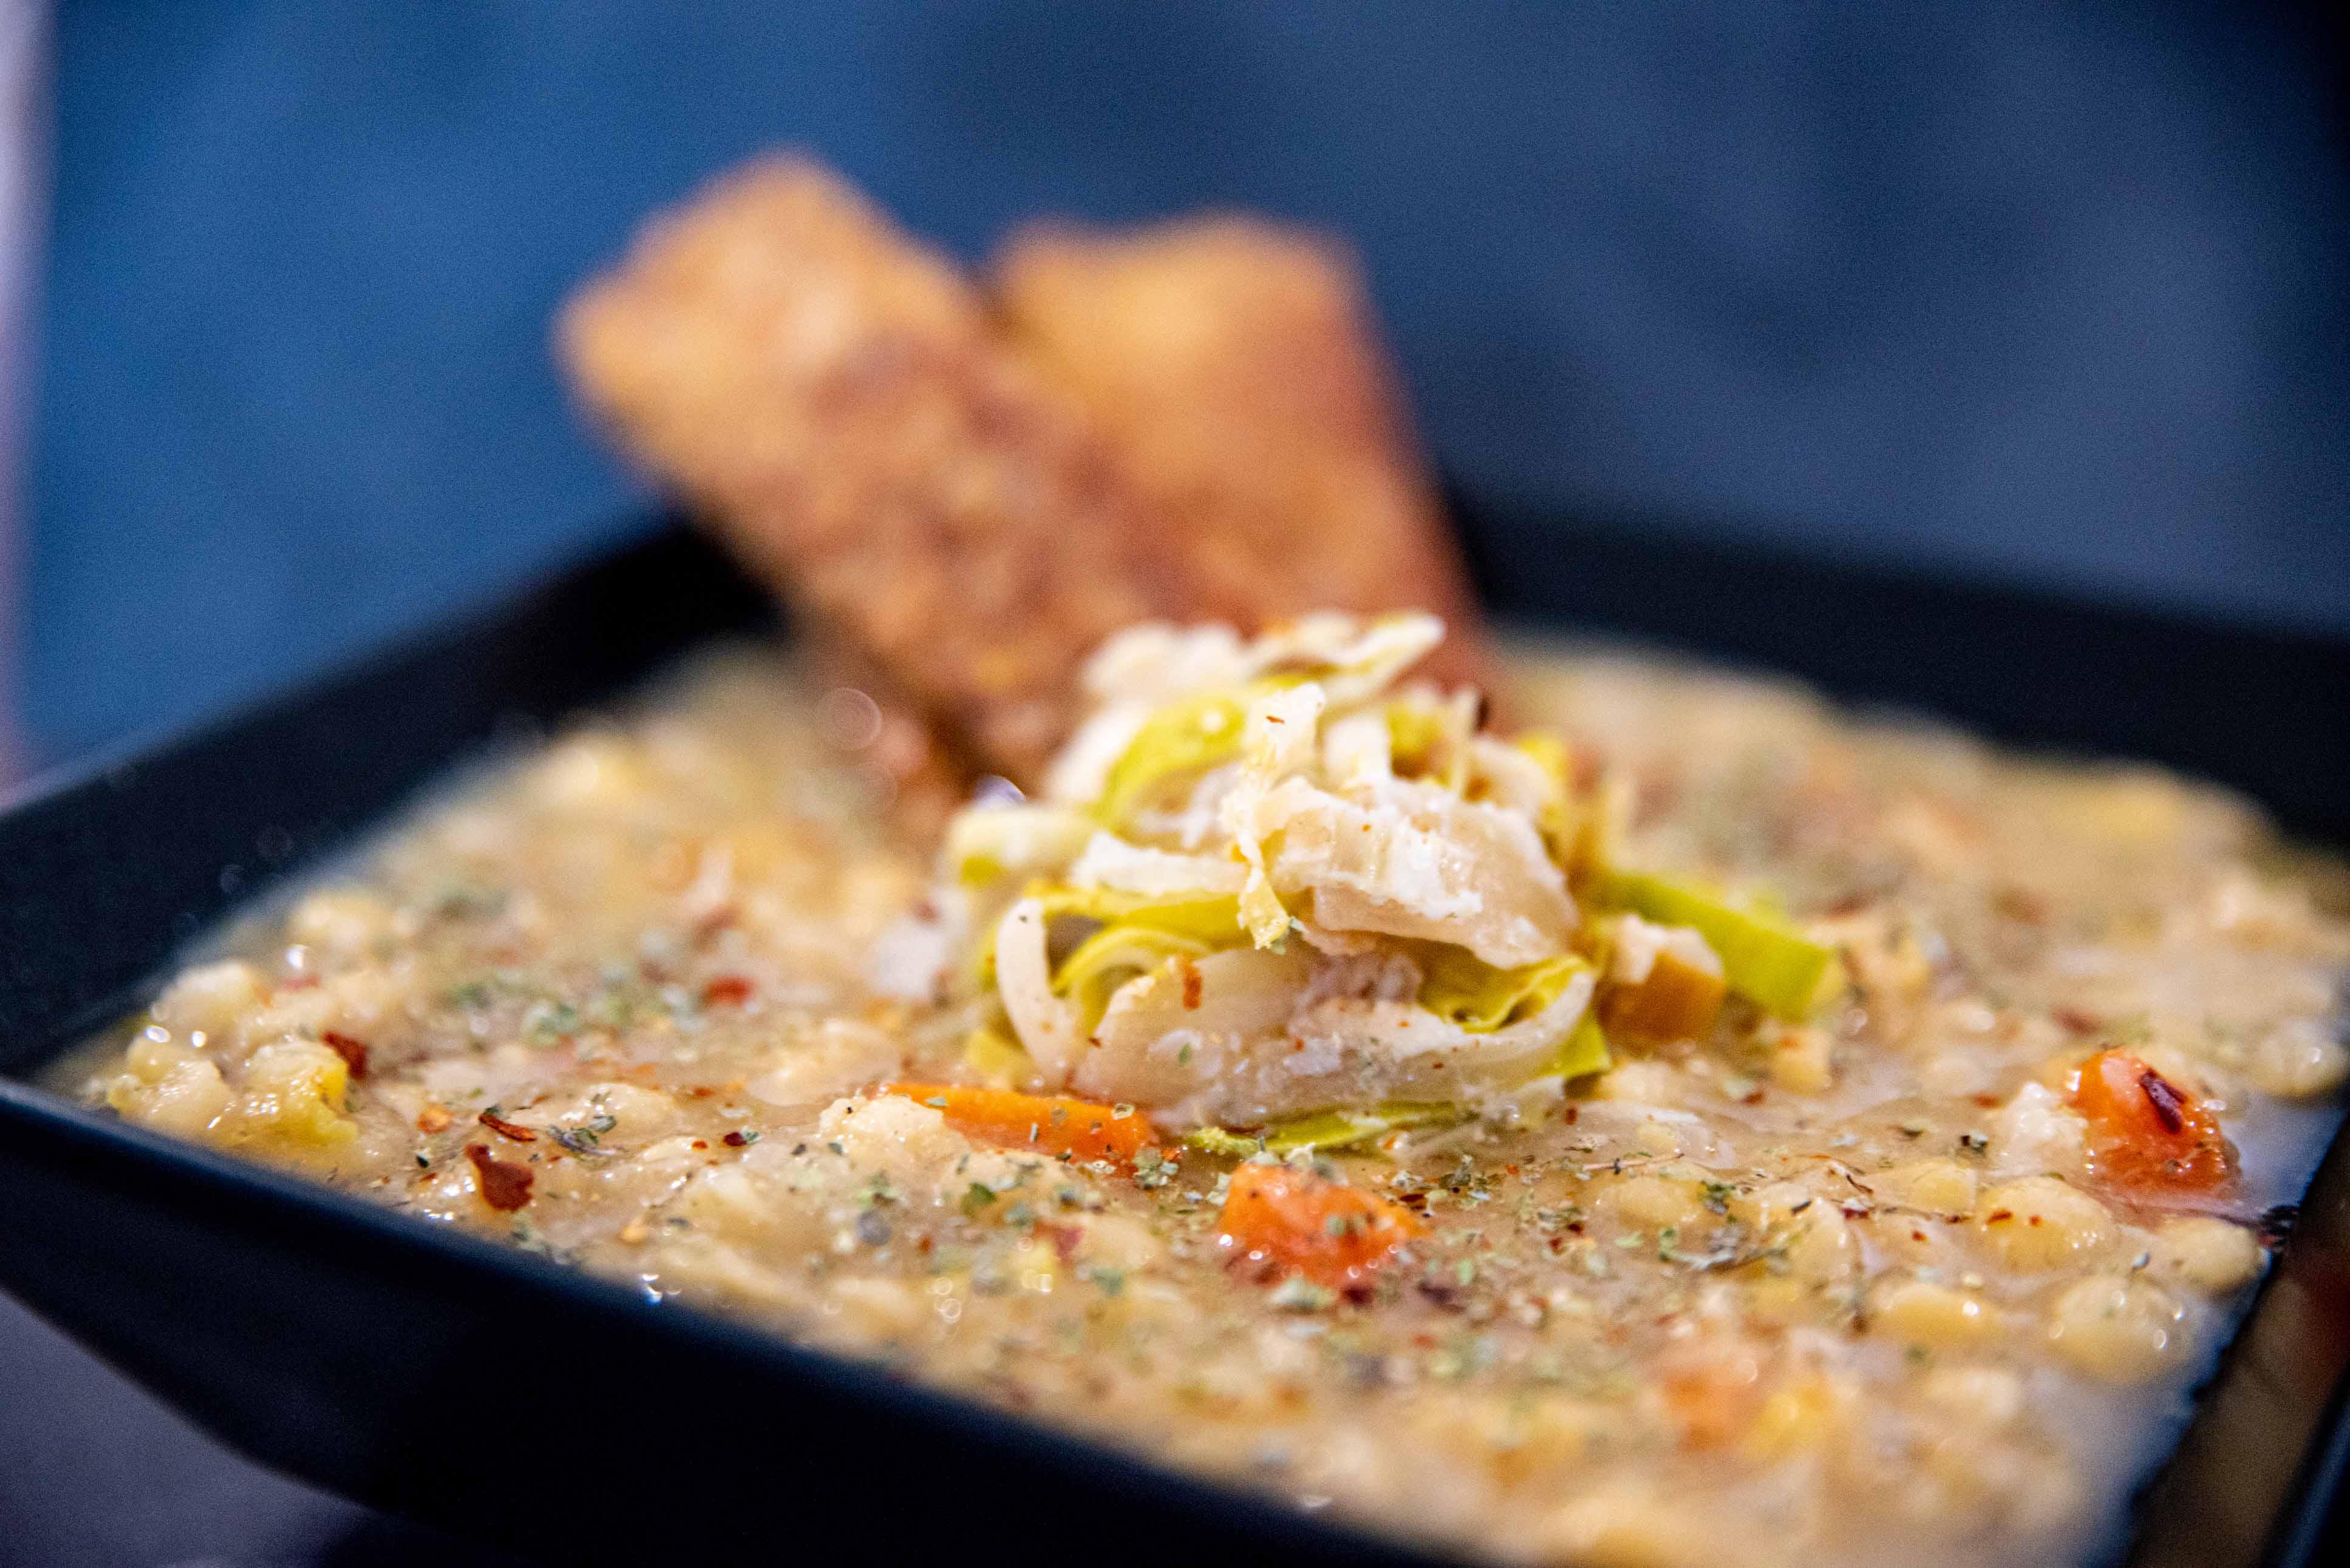 Vyzrajte na sychravé počasí pořádnou polévkou